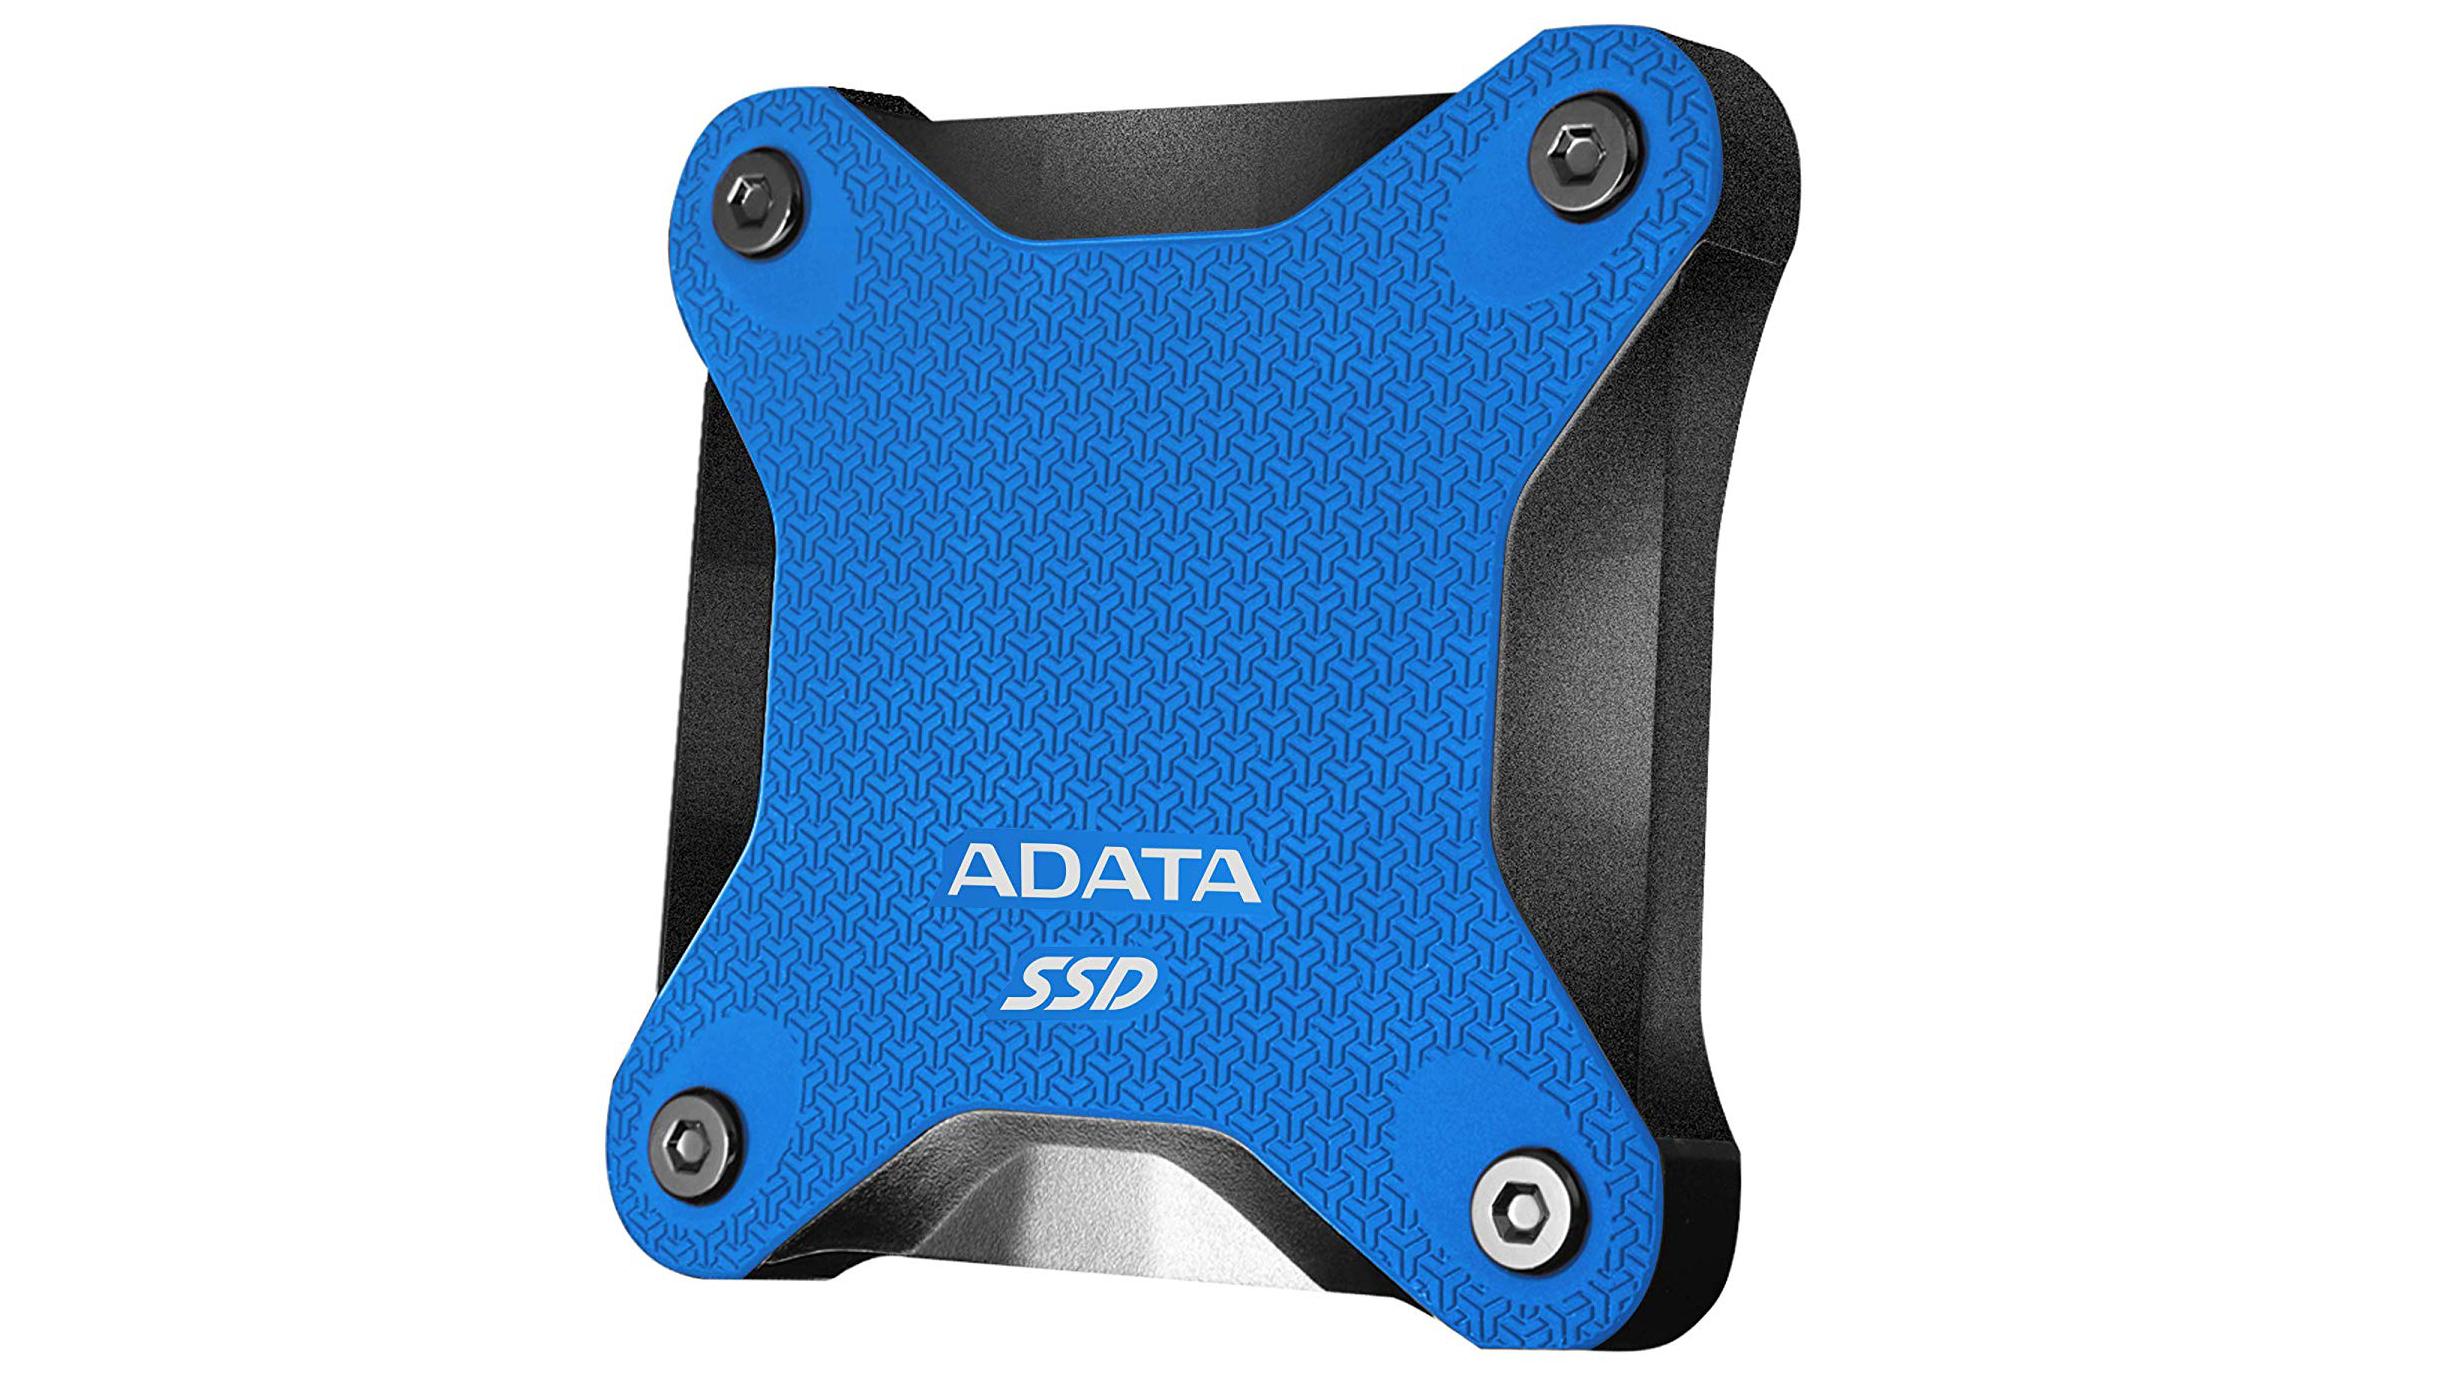 Revisão do Adata SD600Q: um SSD capaz e econômico